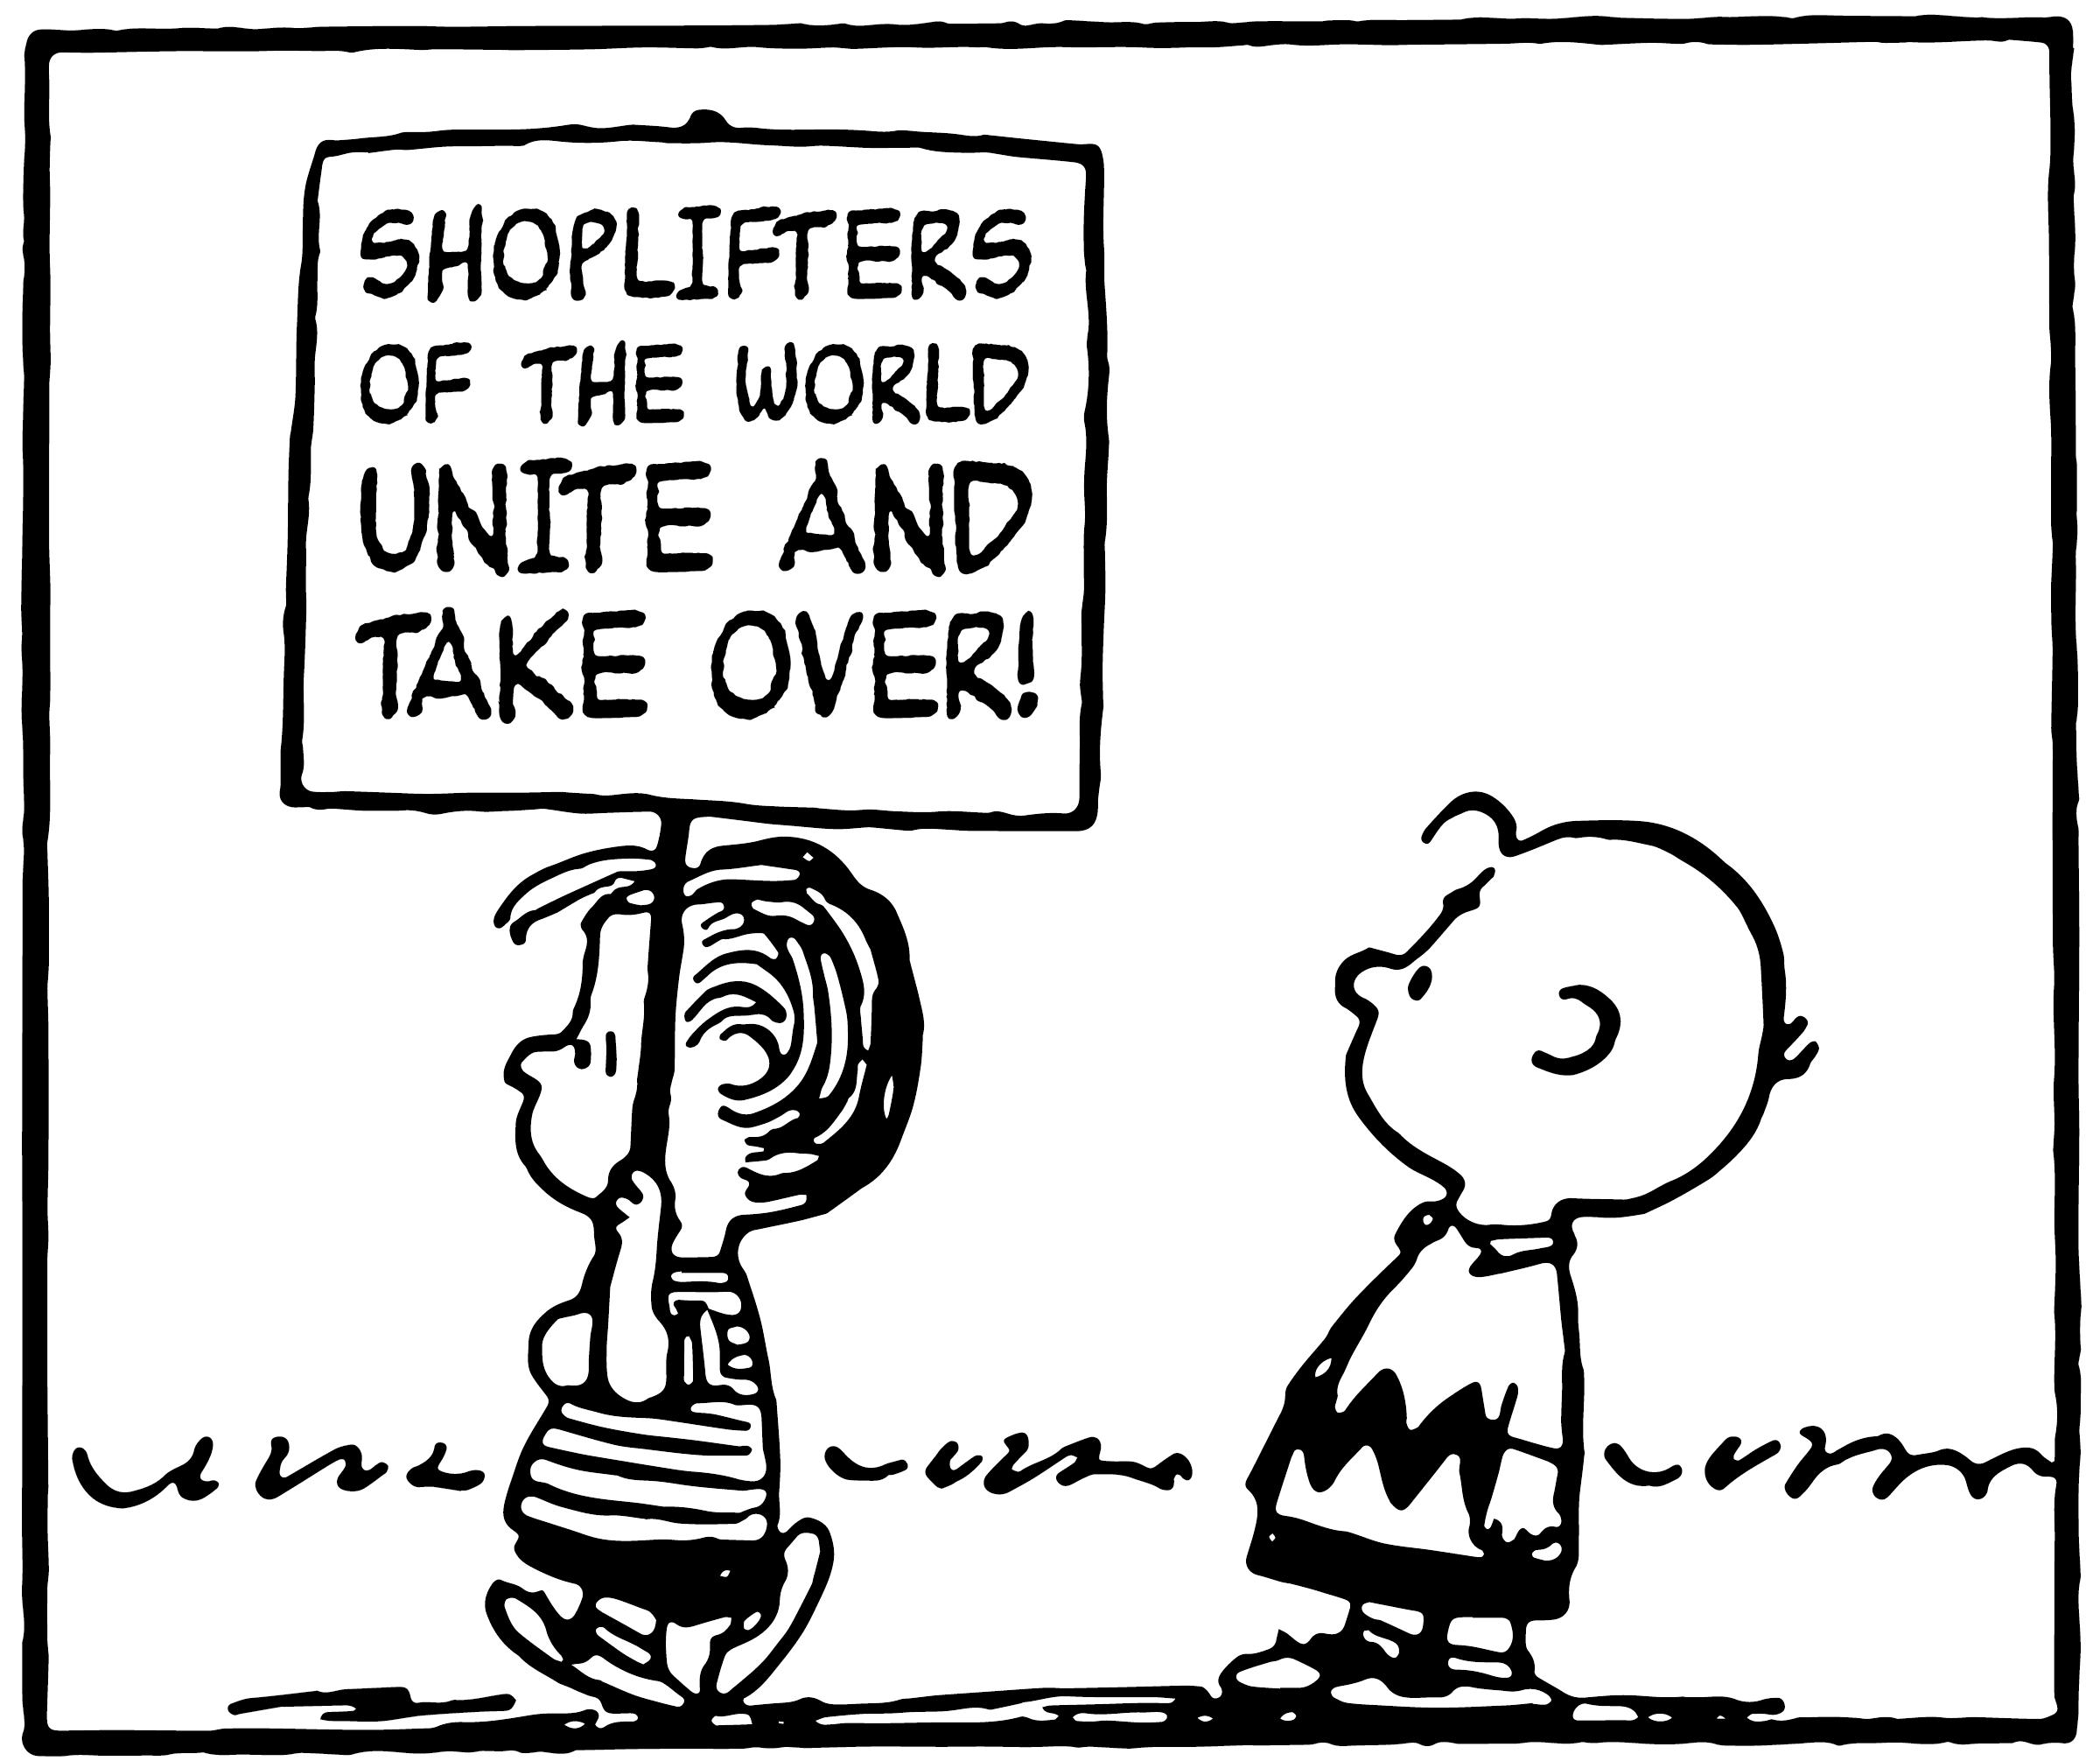 Lauren LoPrete, Linus - Shoplifters, 2013